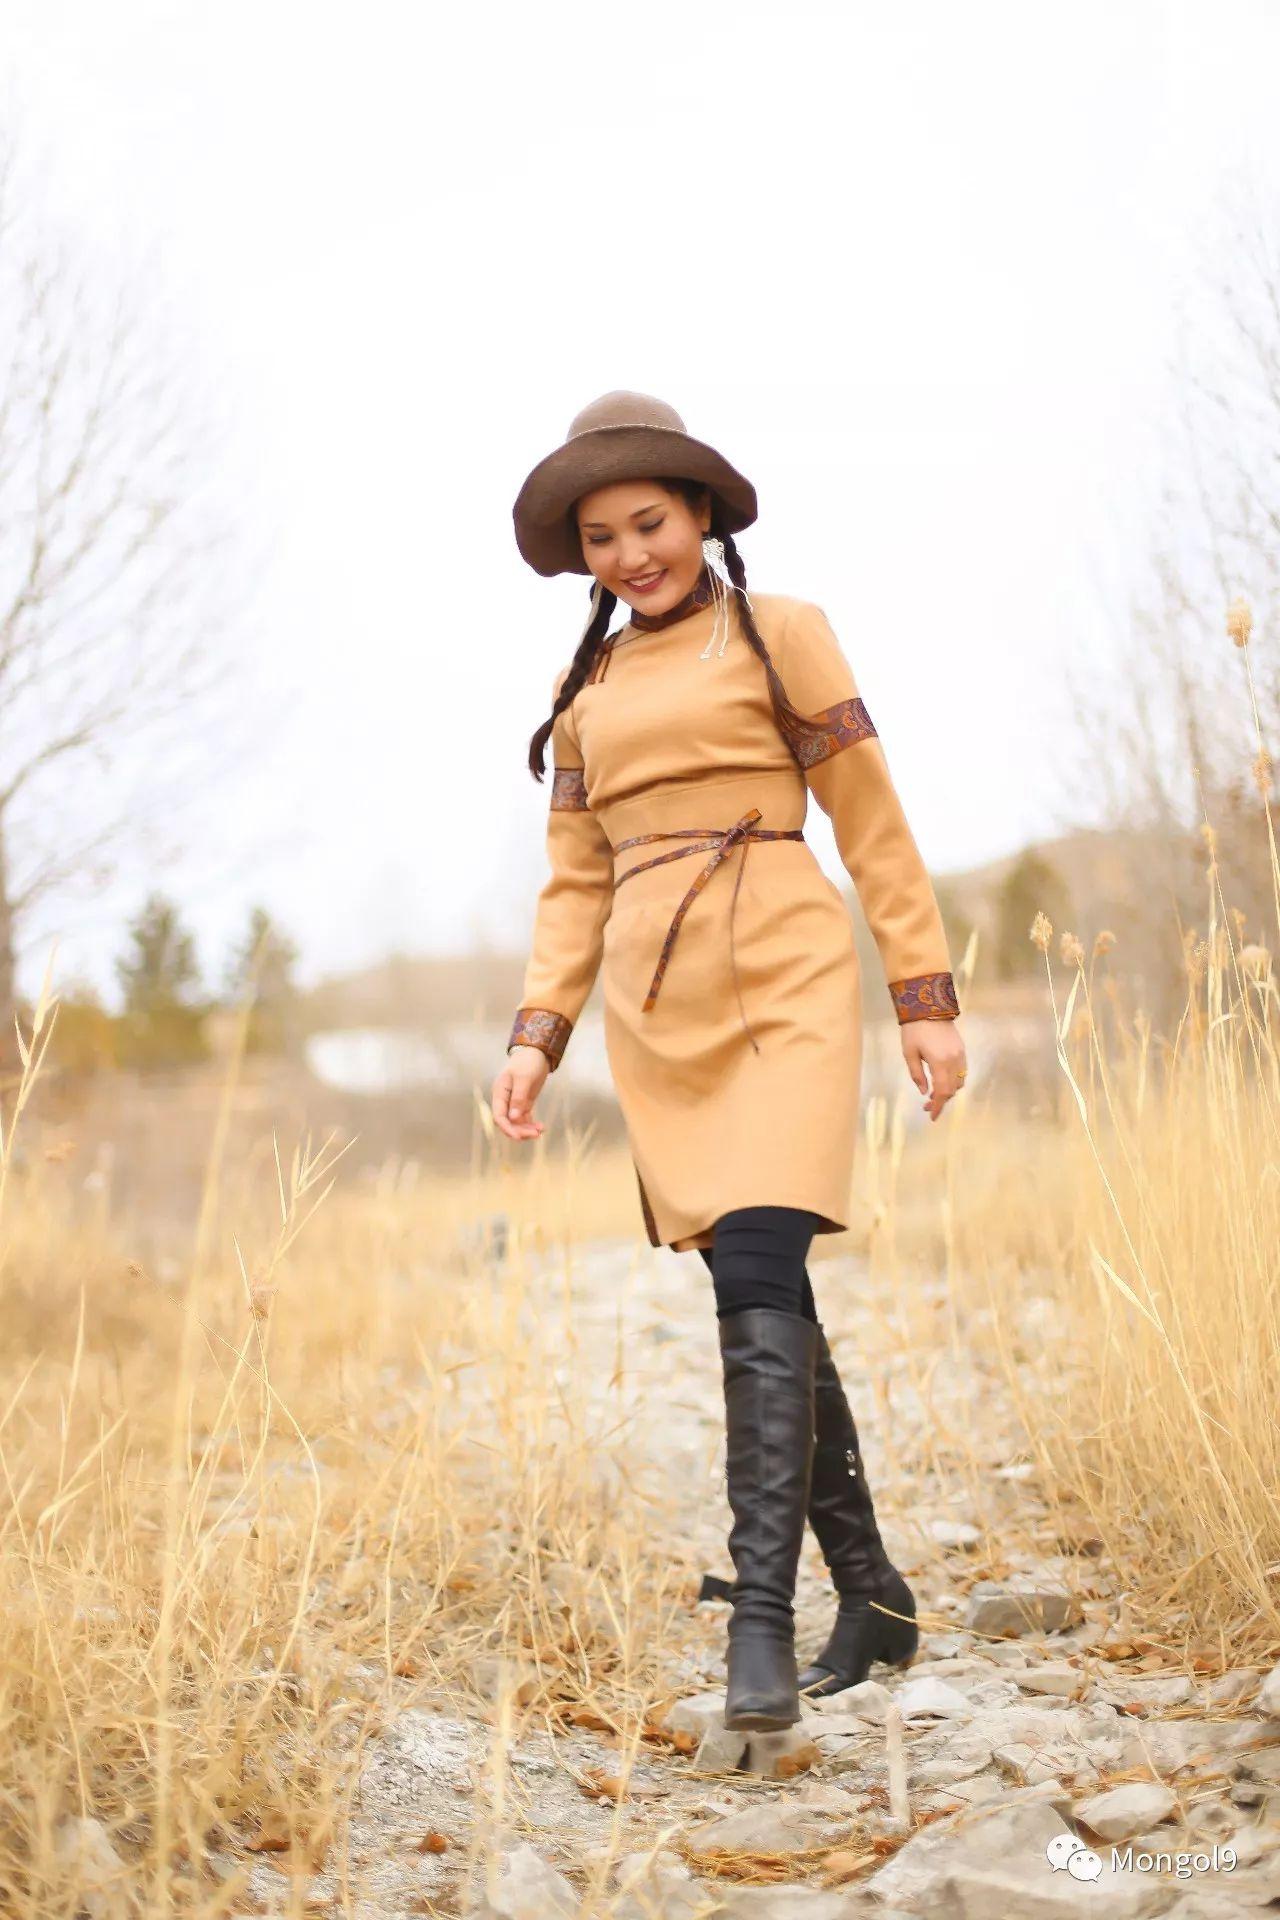 为我的蒙古闺蜜们而设计 第16张 为我的蒙古闺蜜们而设计 蒙古服饰